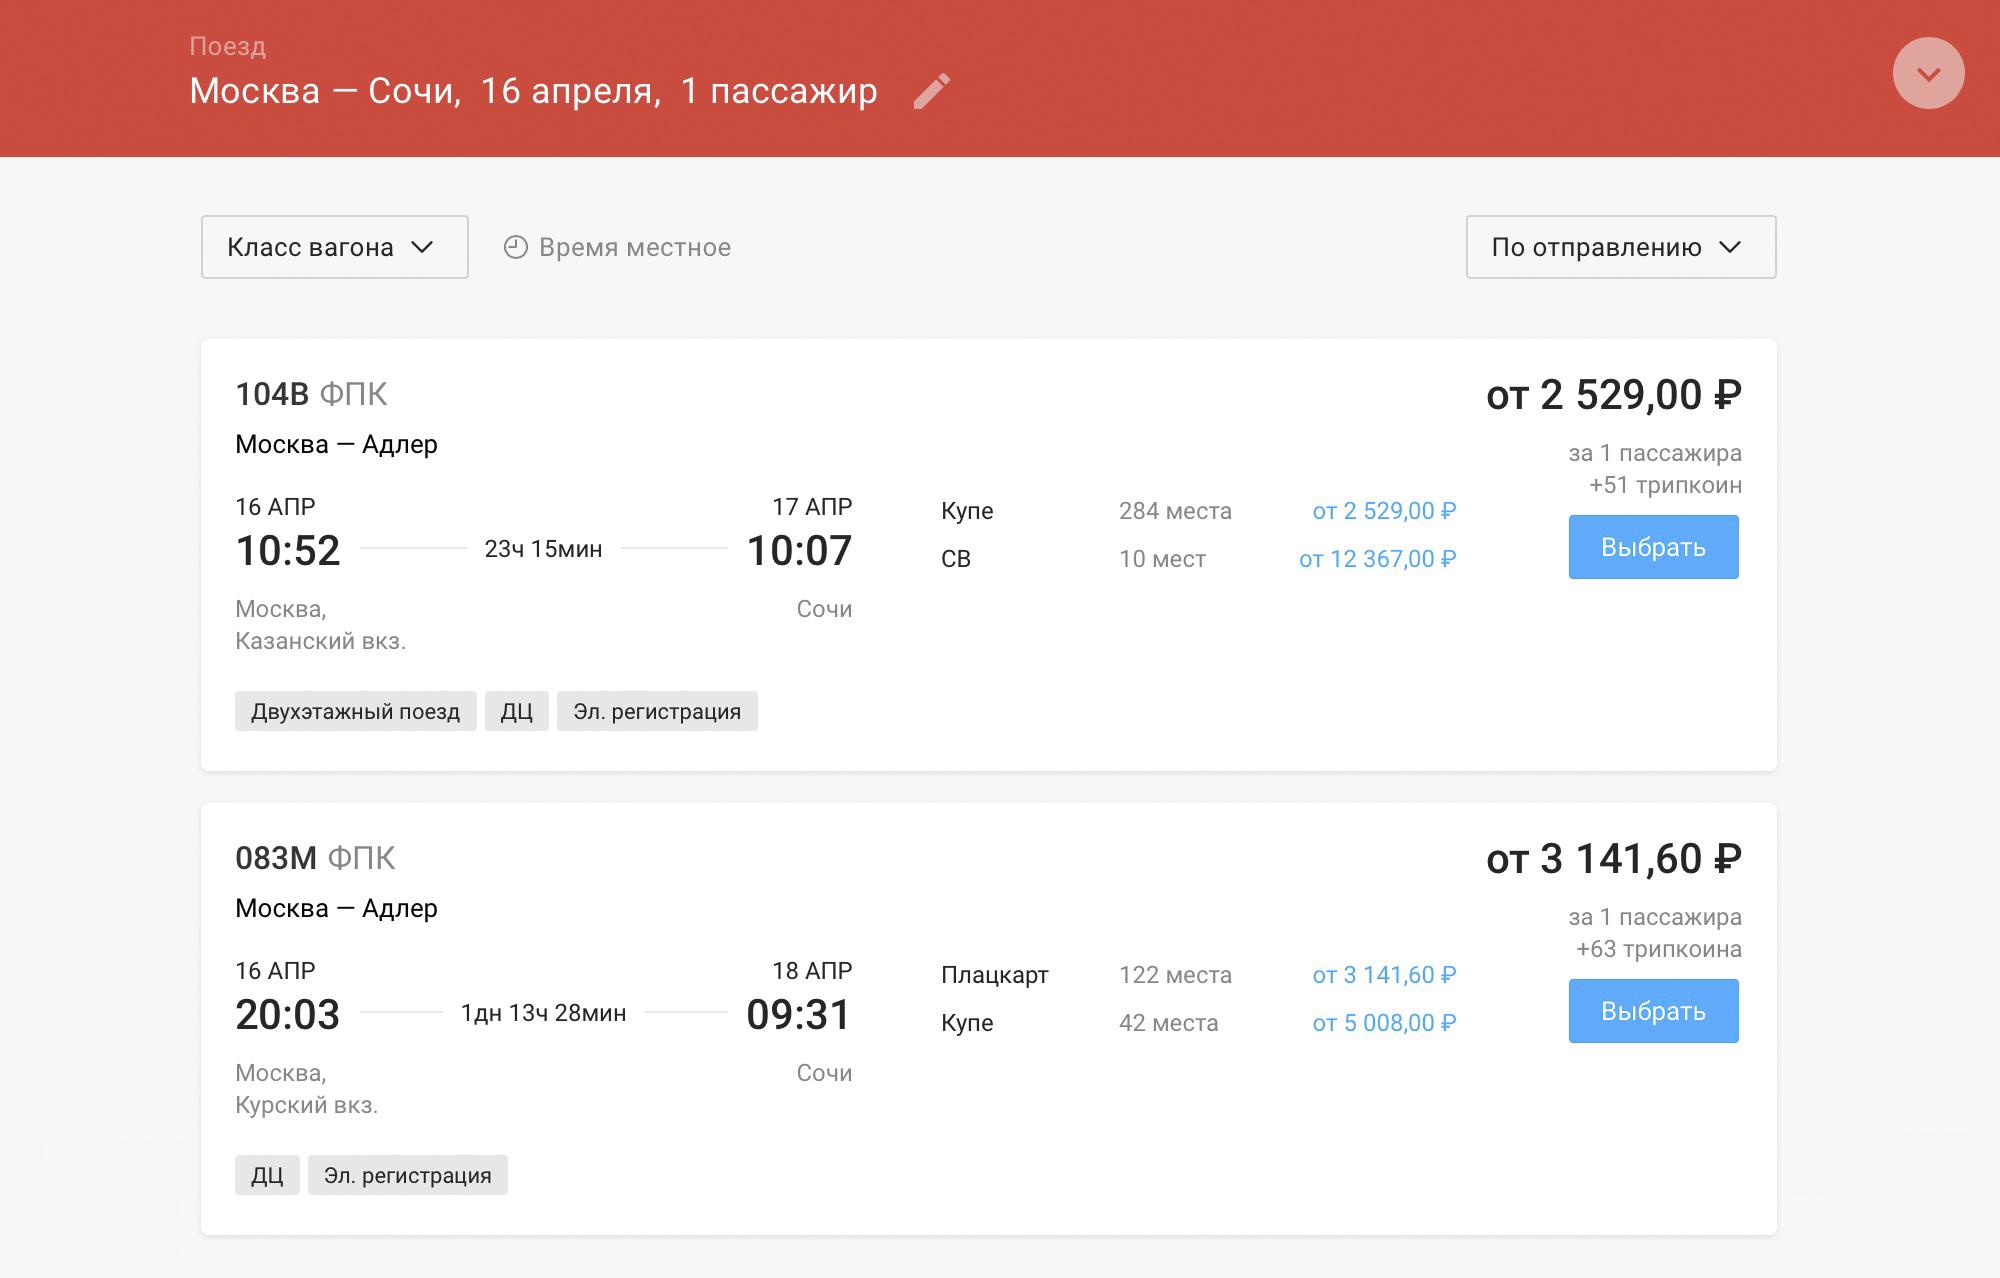 Поезд из Москвы в Адлер по стоимости сопоставим с самолетом, только добираться на нем в 10 раз дольше